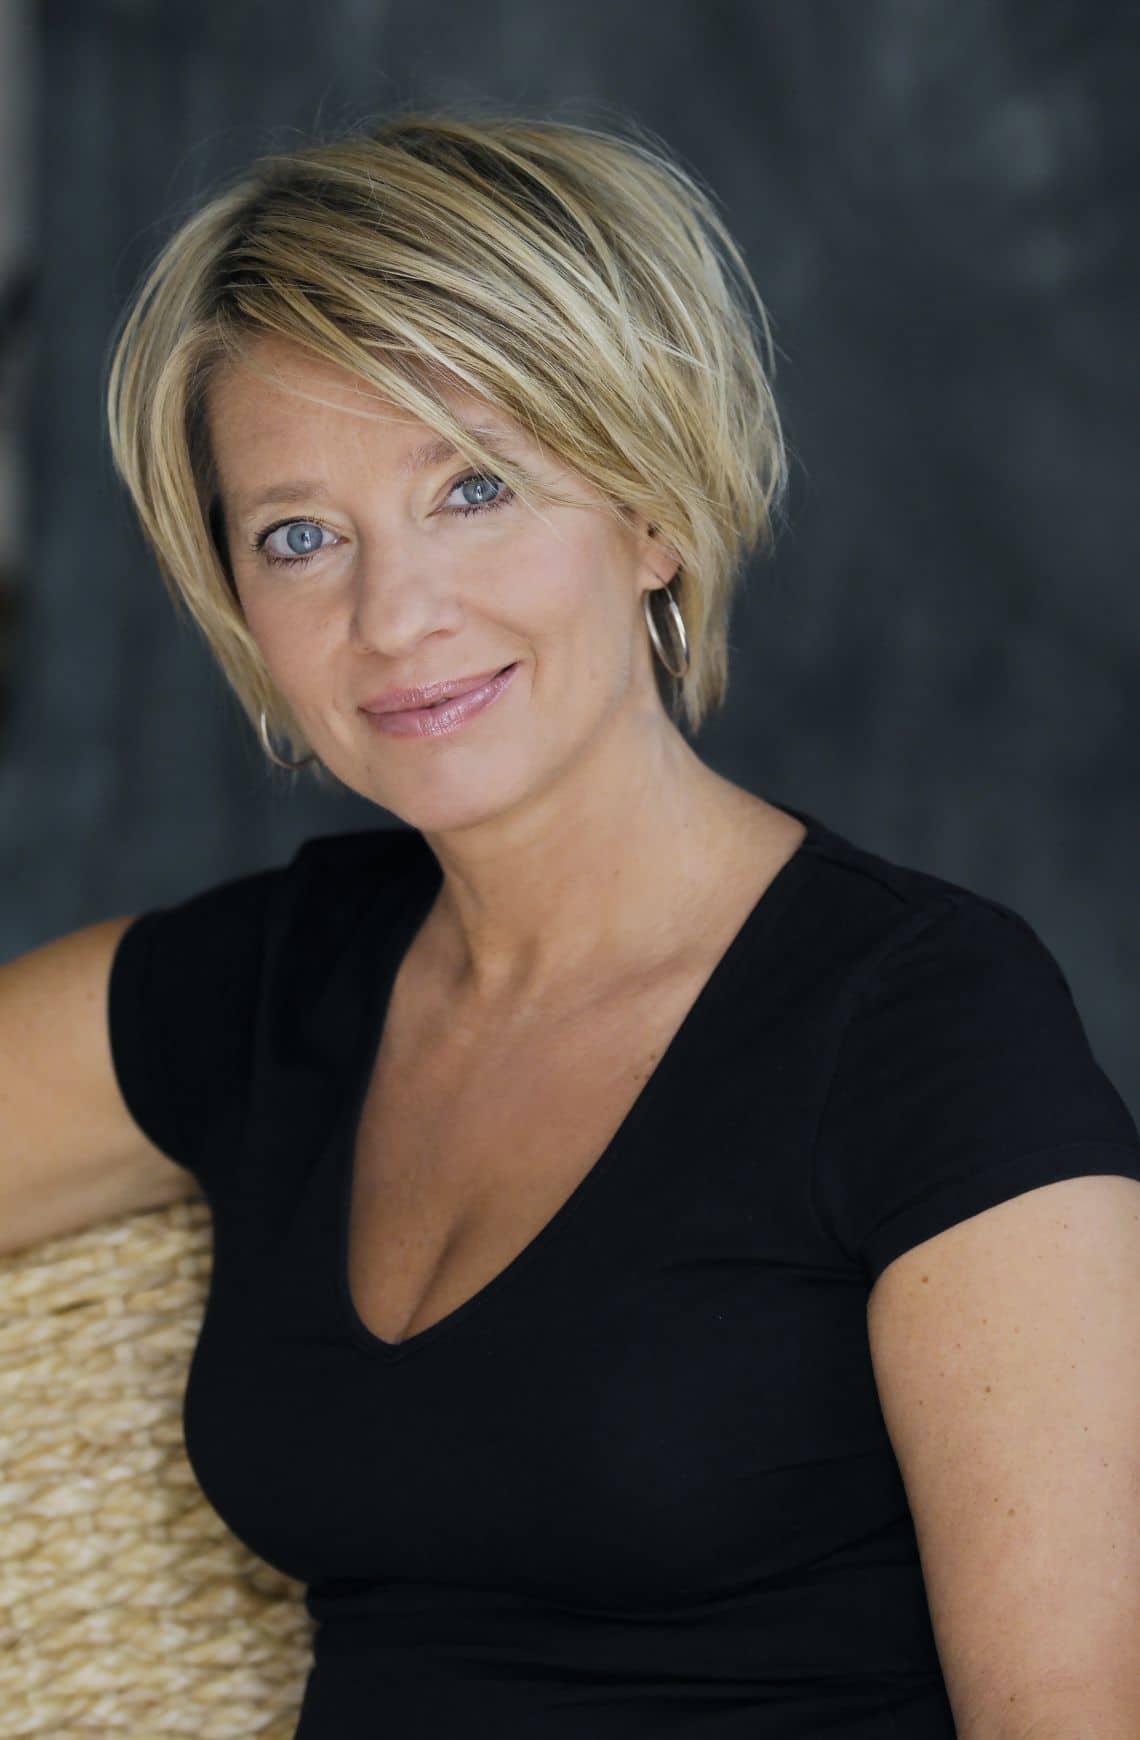 Karin Seven (c) Gerlind Klemens